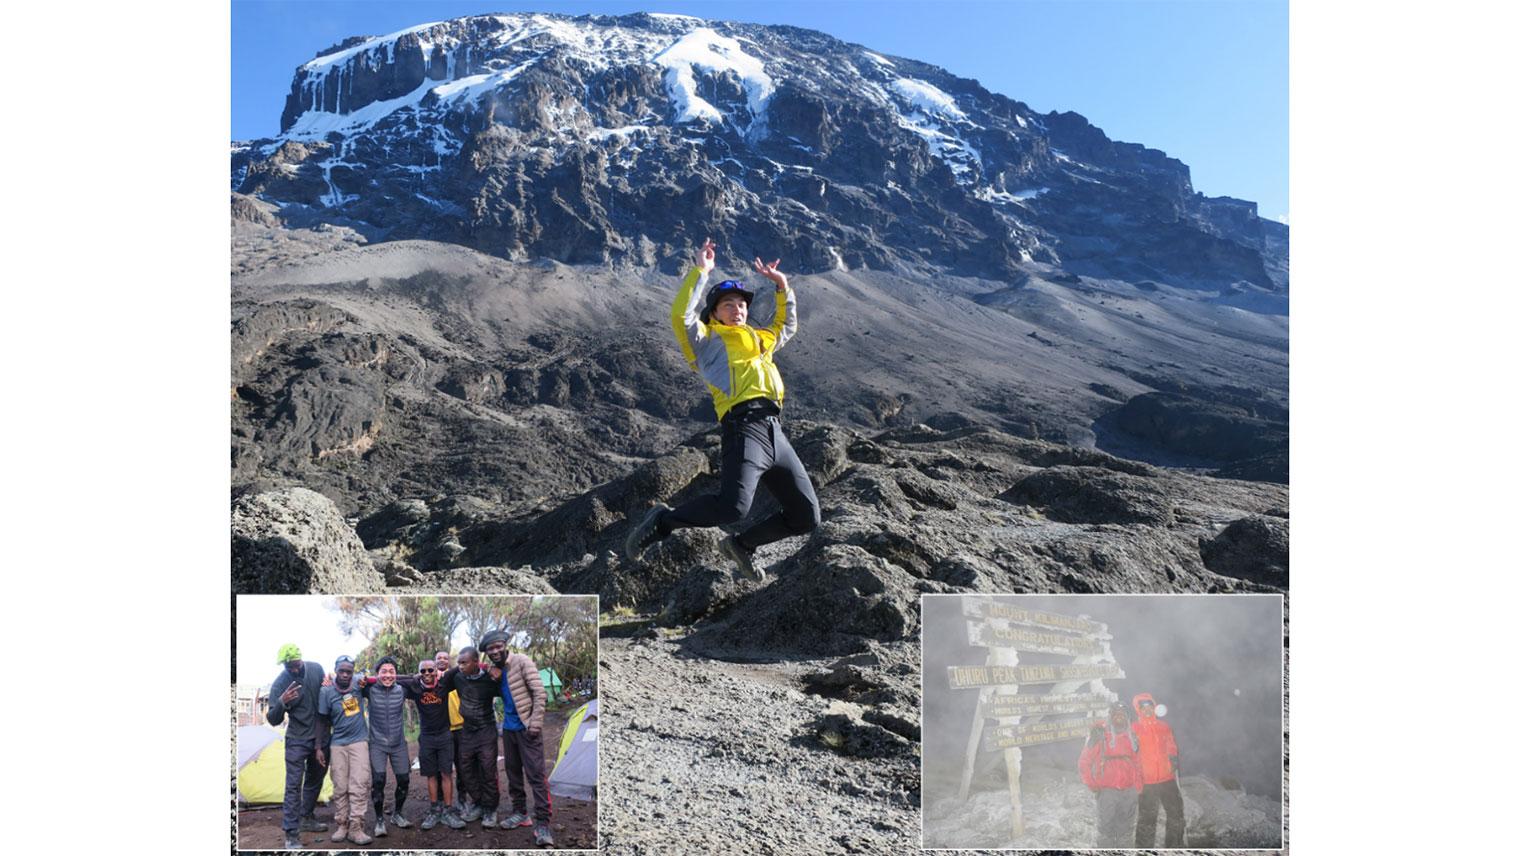 キリマンジャロの山頂でジャンプしている木村さんの写真